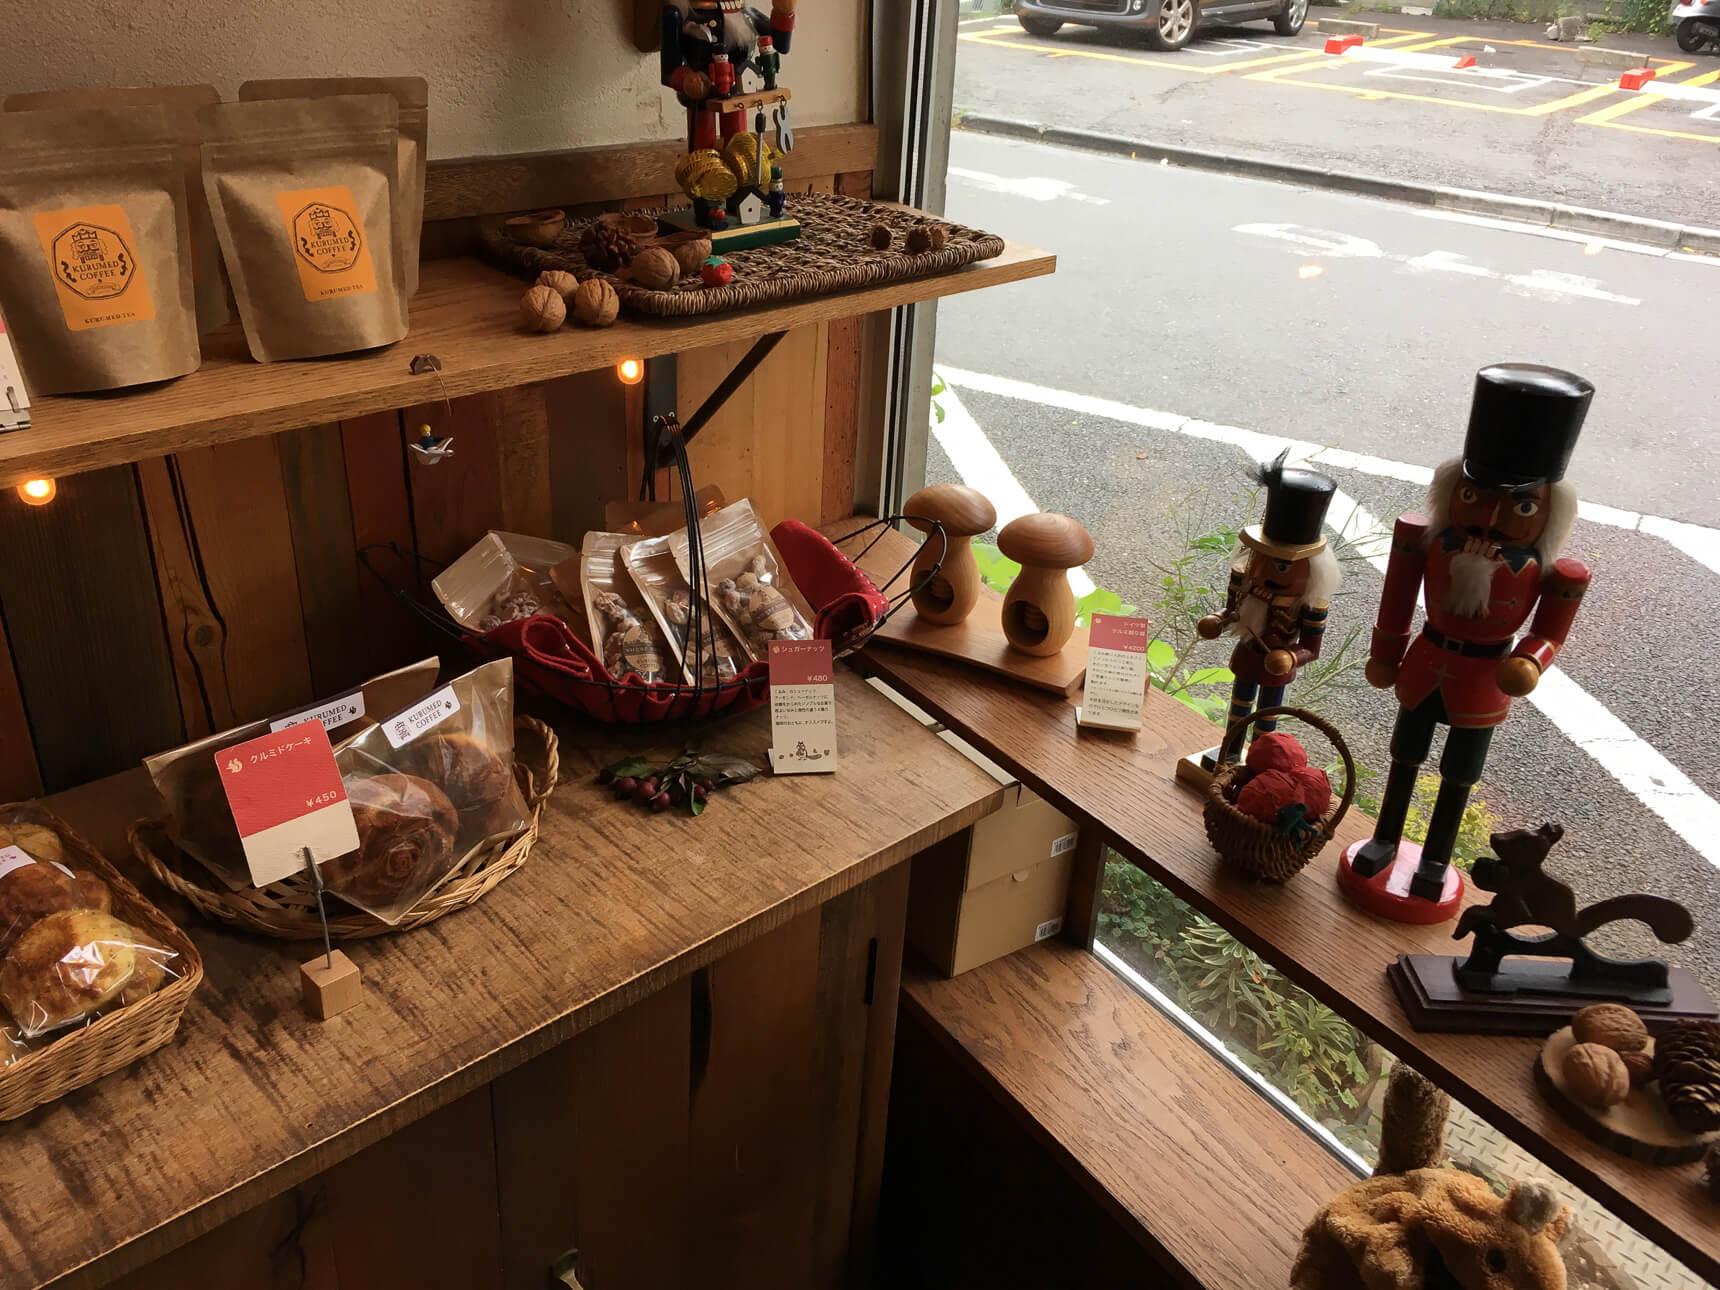 帰りに、お店特製のシュガーナッツをお土産に。コーヒーや、くるみ割り機も販売してます。